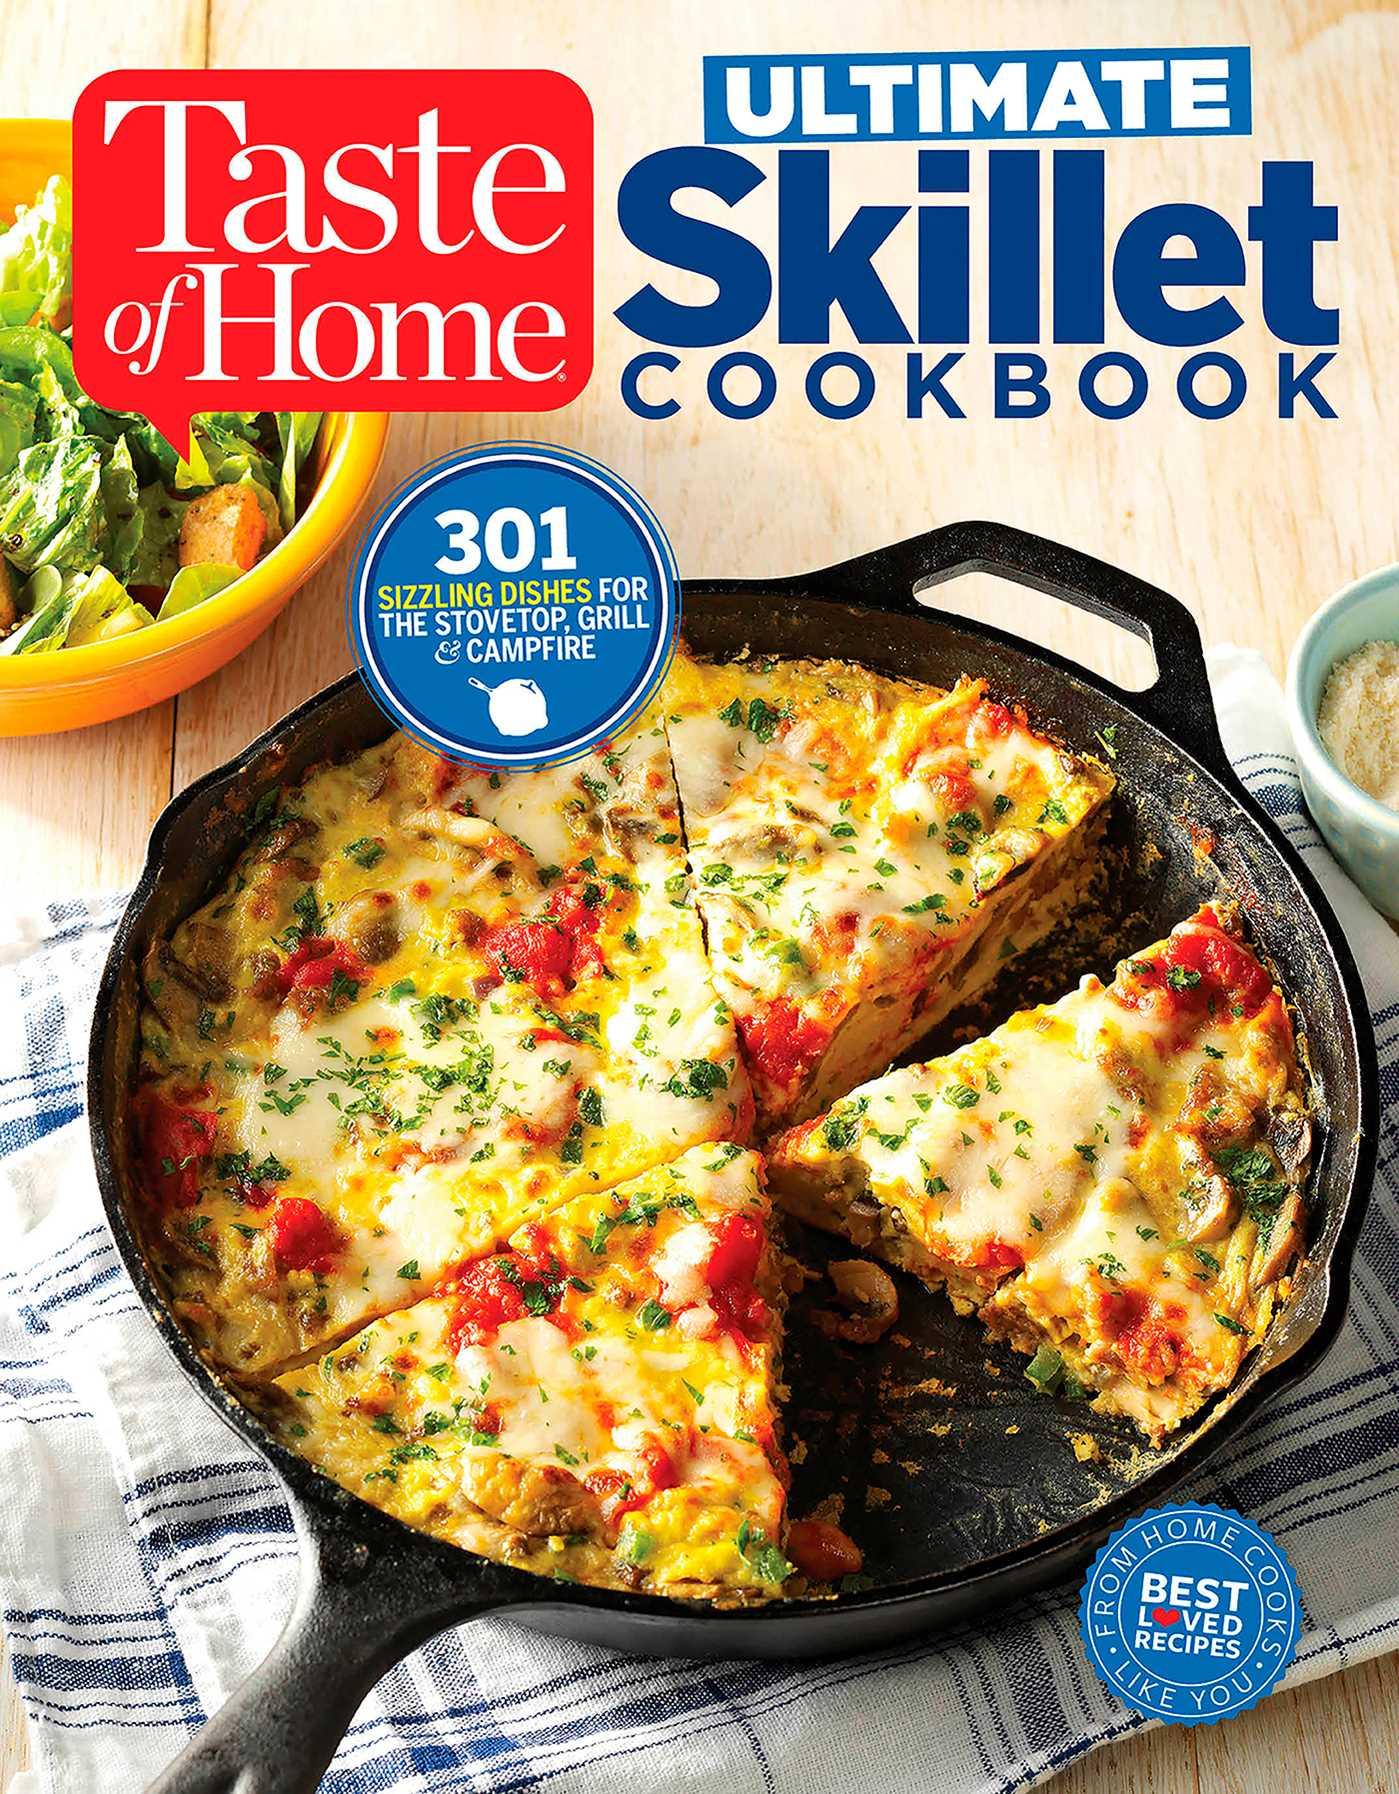 Taste of home ultimate skillet cookbook book by editors at taste taste of home ultimate skillet cookbook 9781617655517 hr forumfinder Choice Image